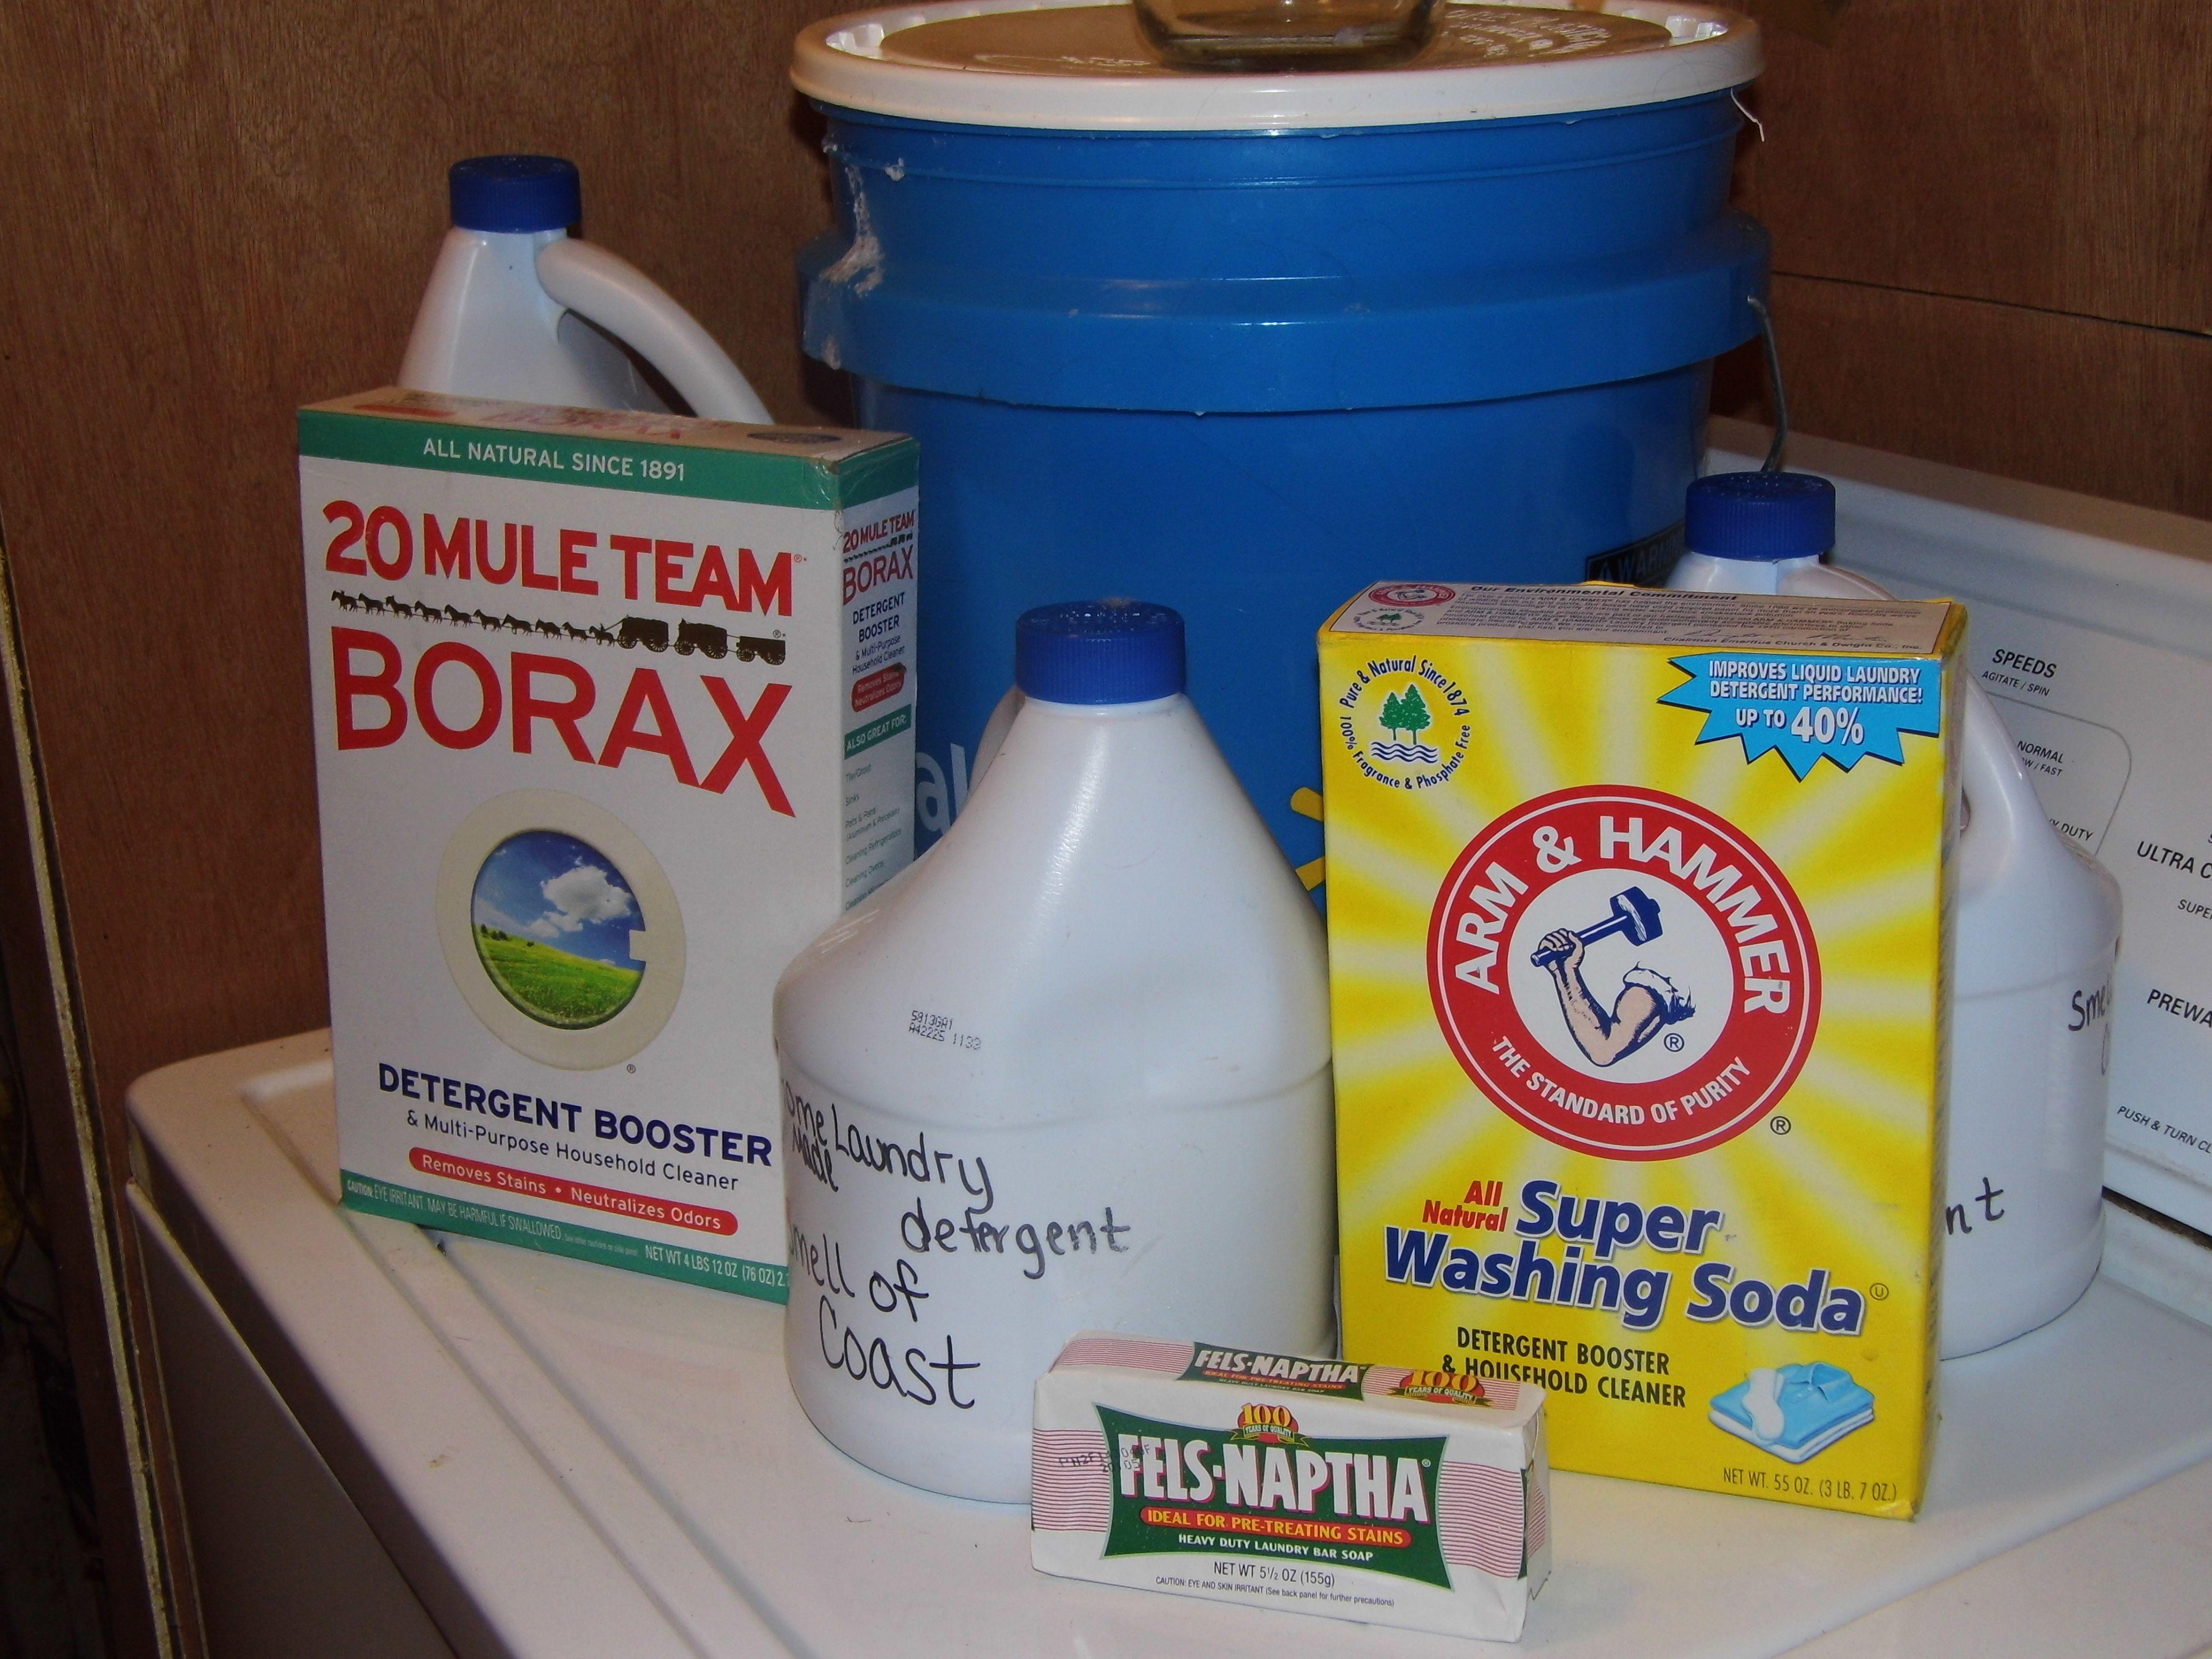 Homemade laundry detergent Need 5 gallon bucket,Felnaptha laundry bar soap, Borax, and